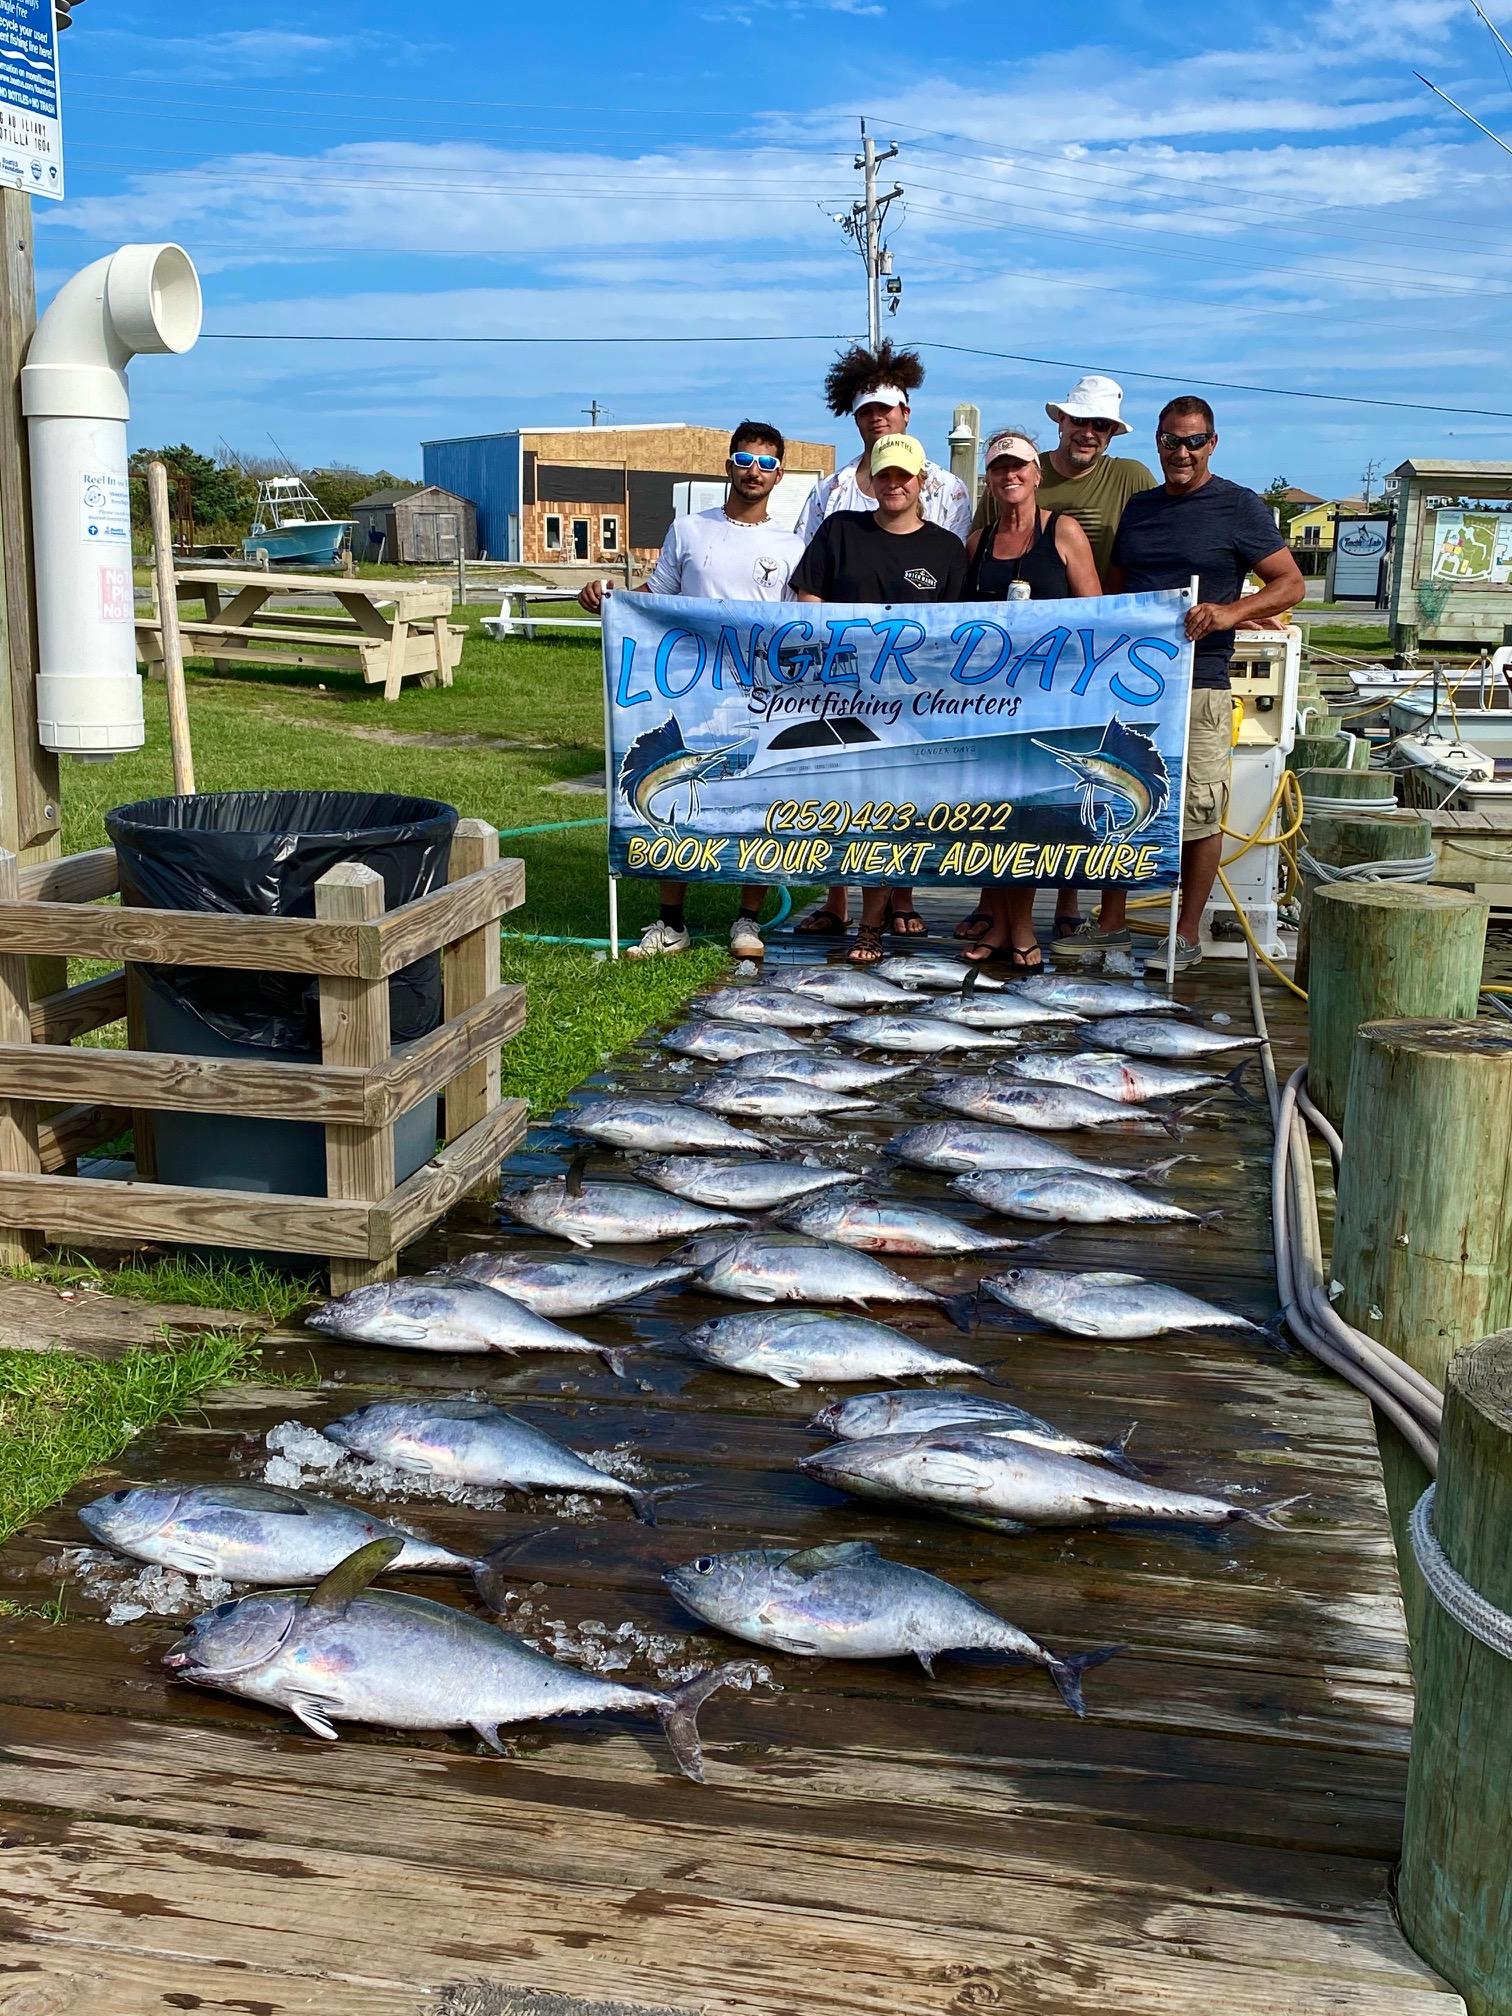 Hatteras Sportfishing Longer Days Teach's Lair Offshore